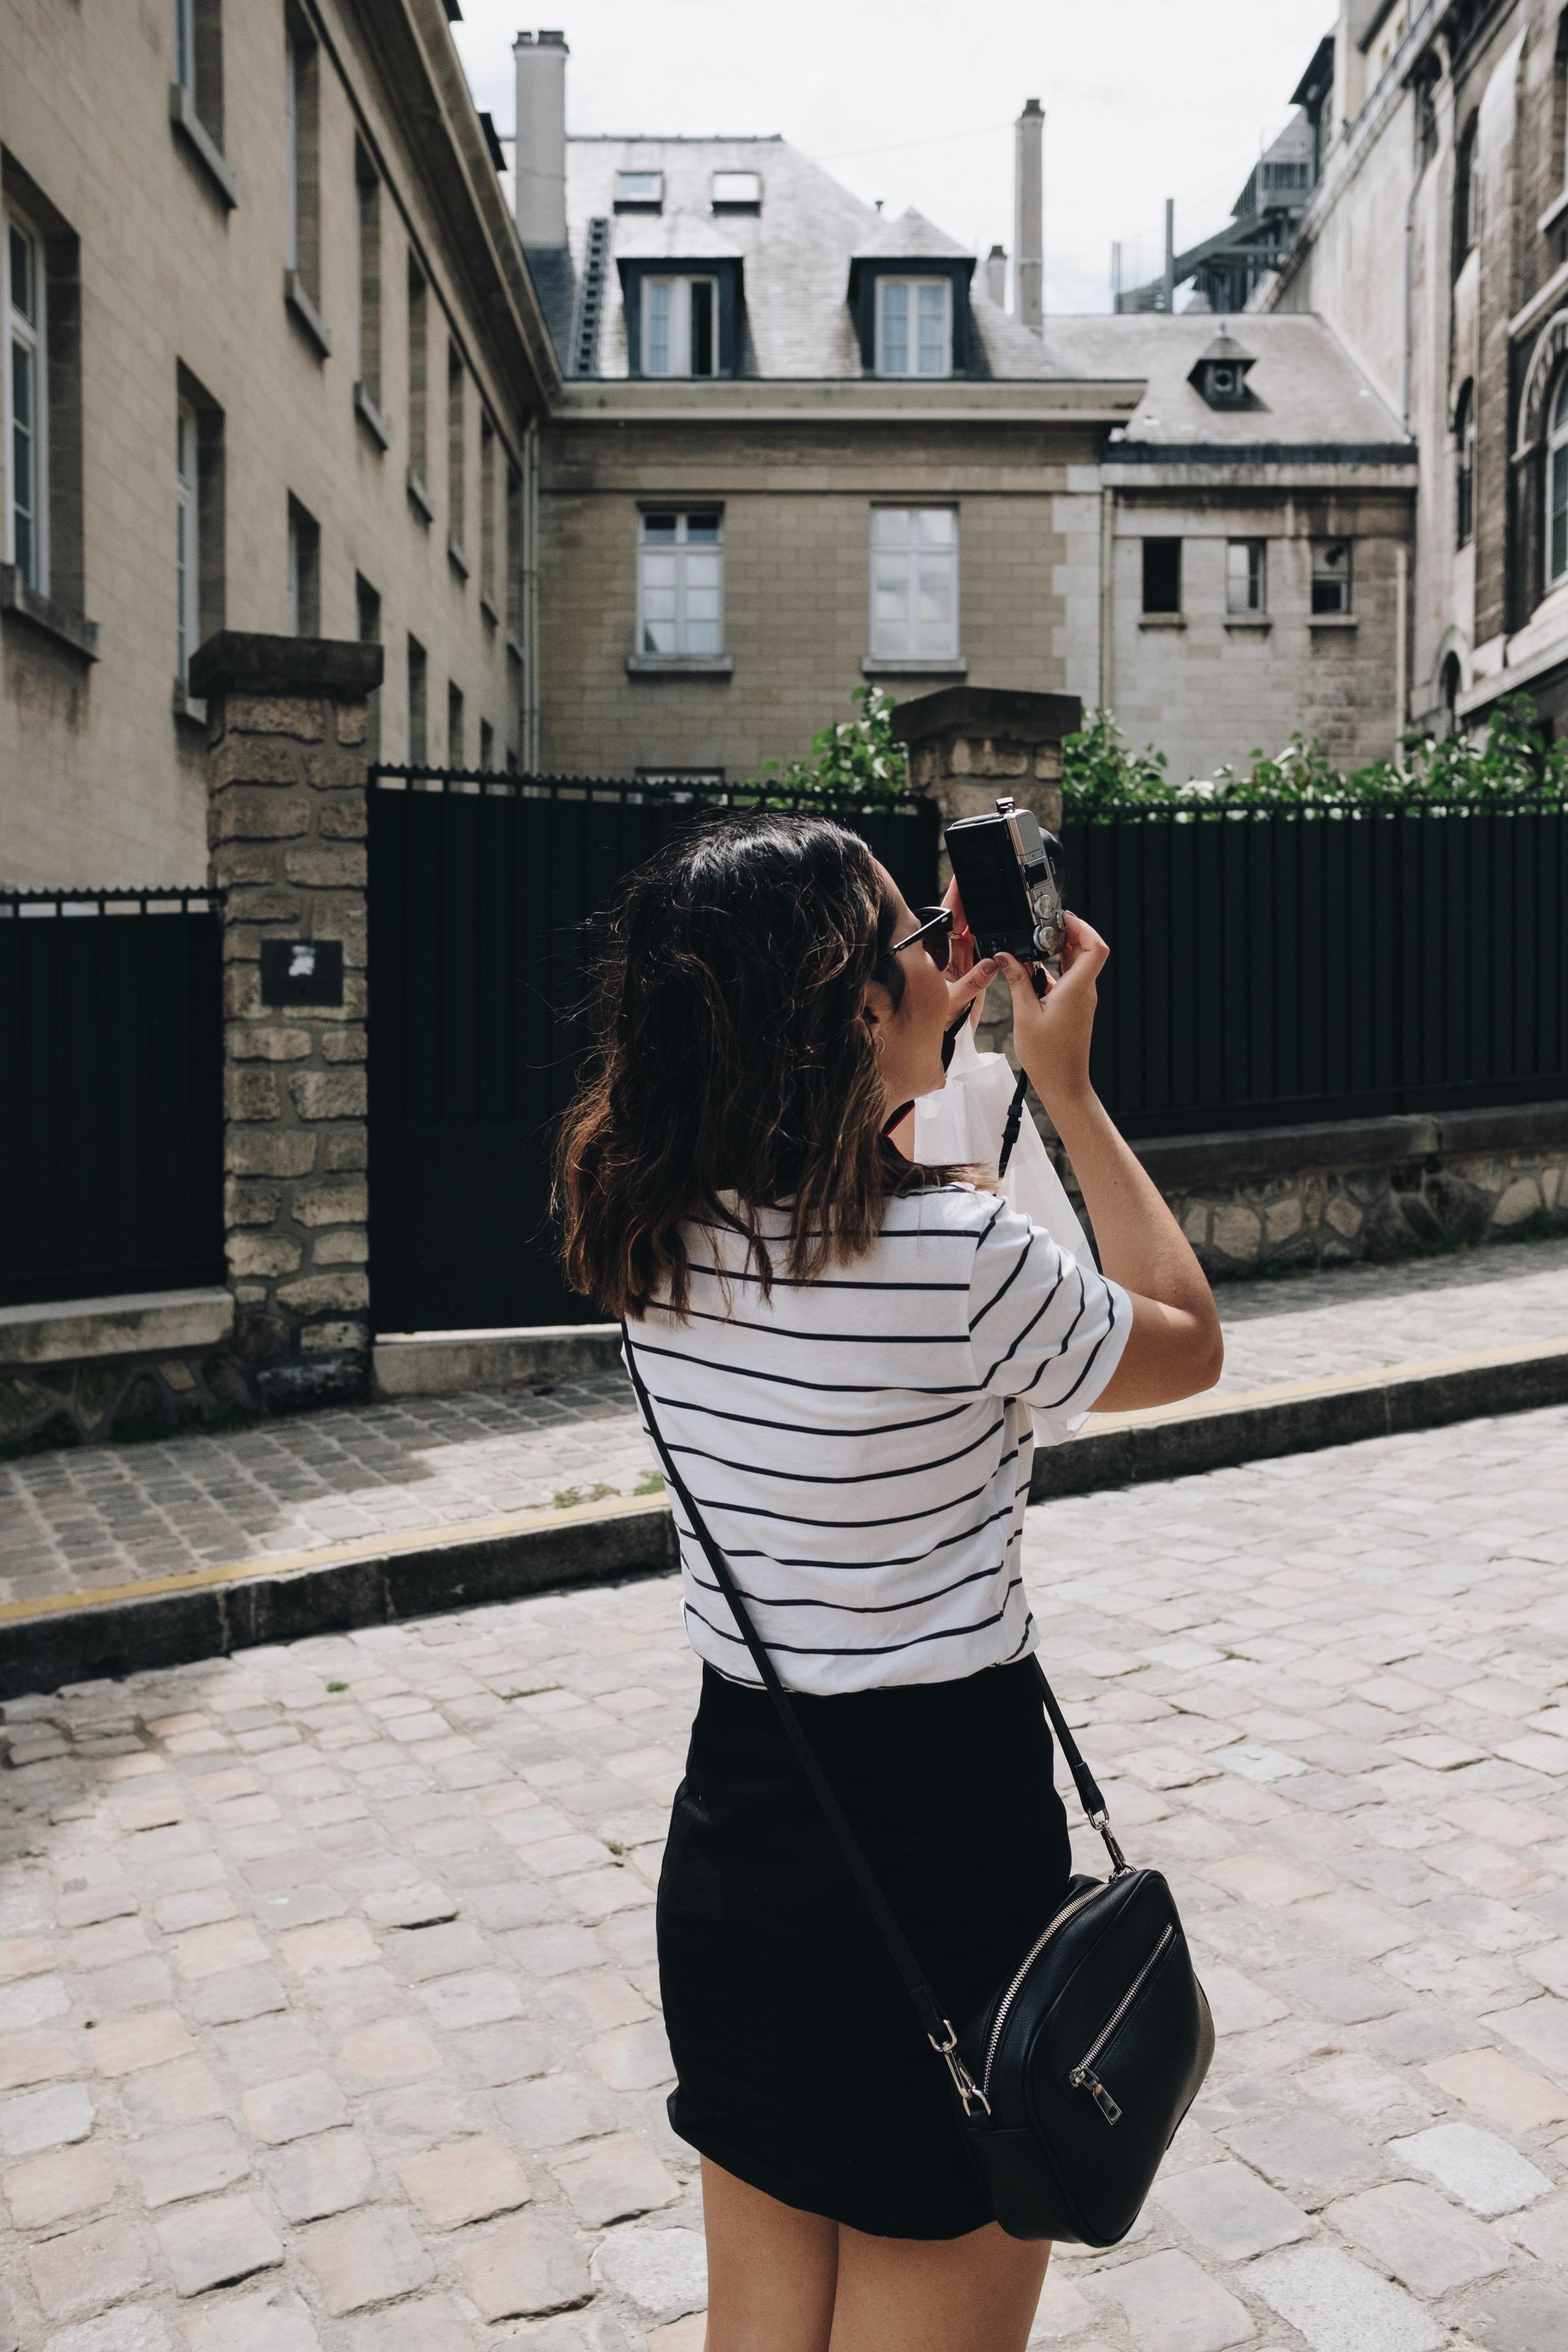 paris-travel-diary-25.JPG